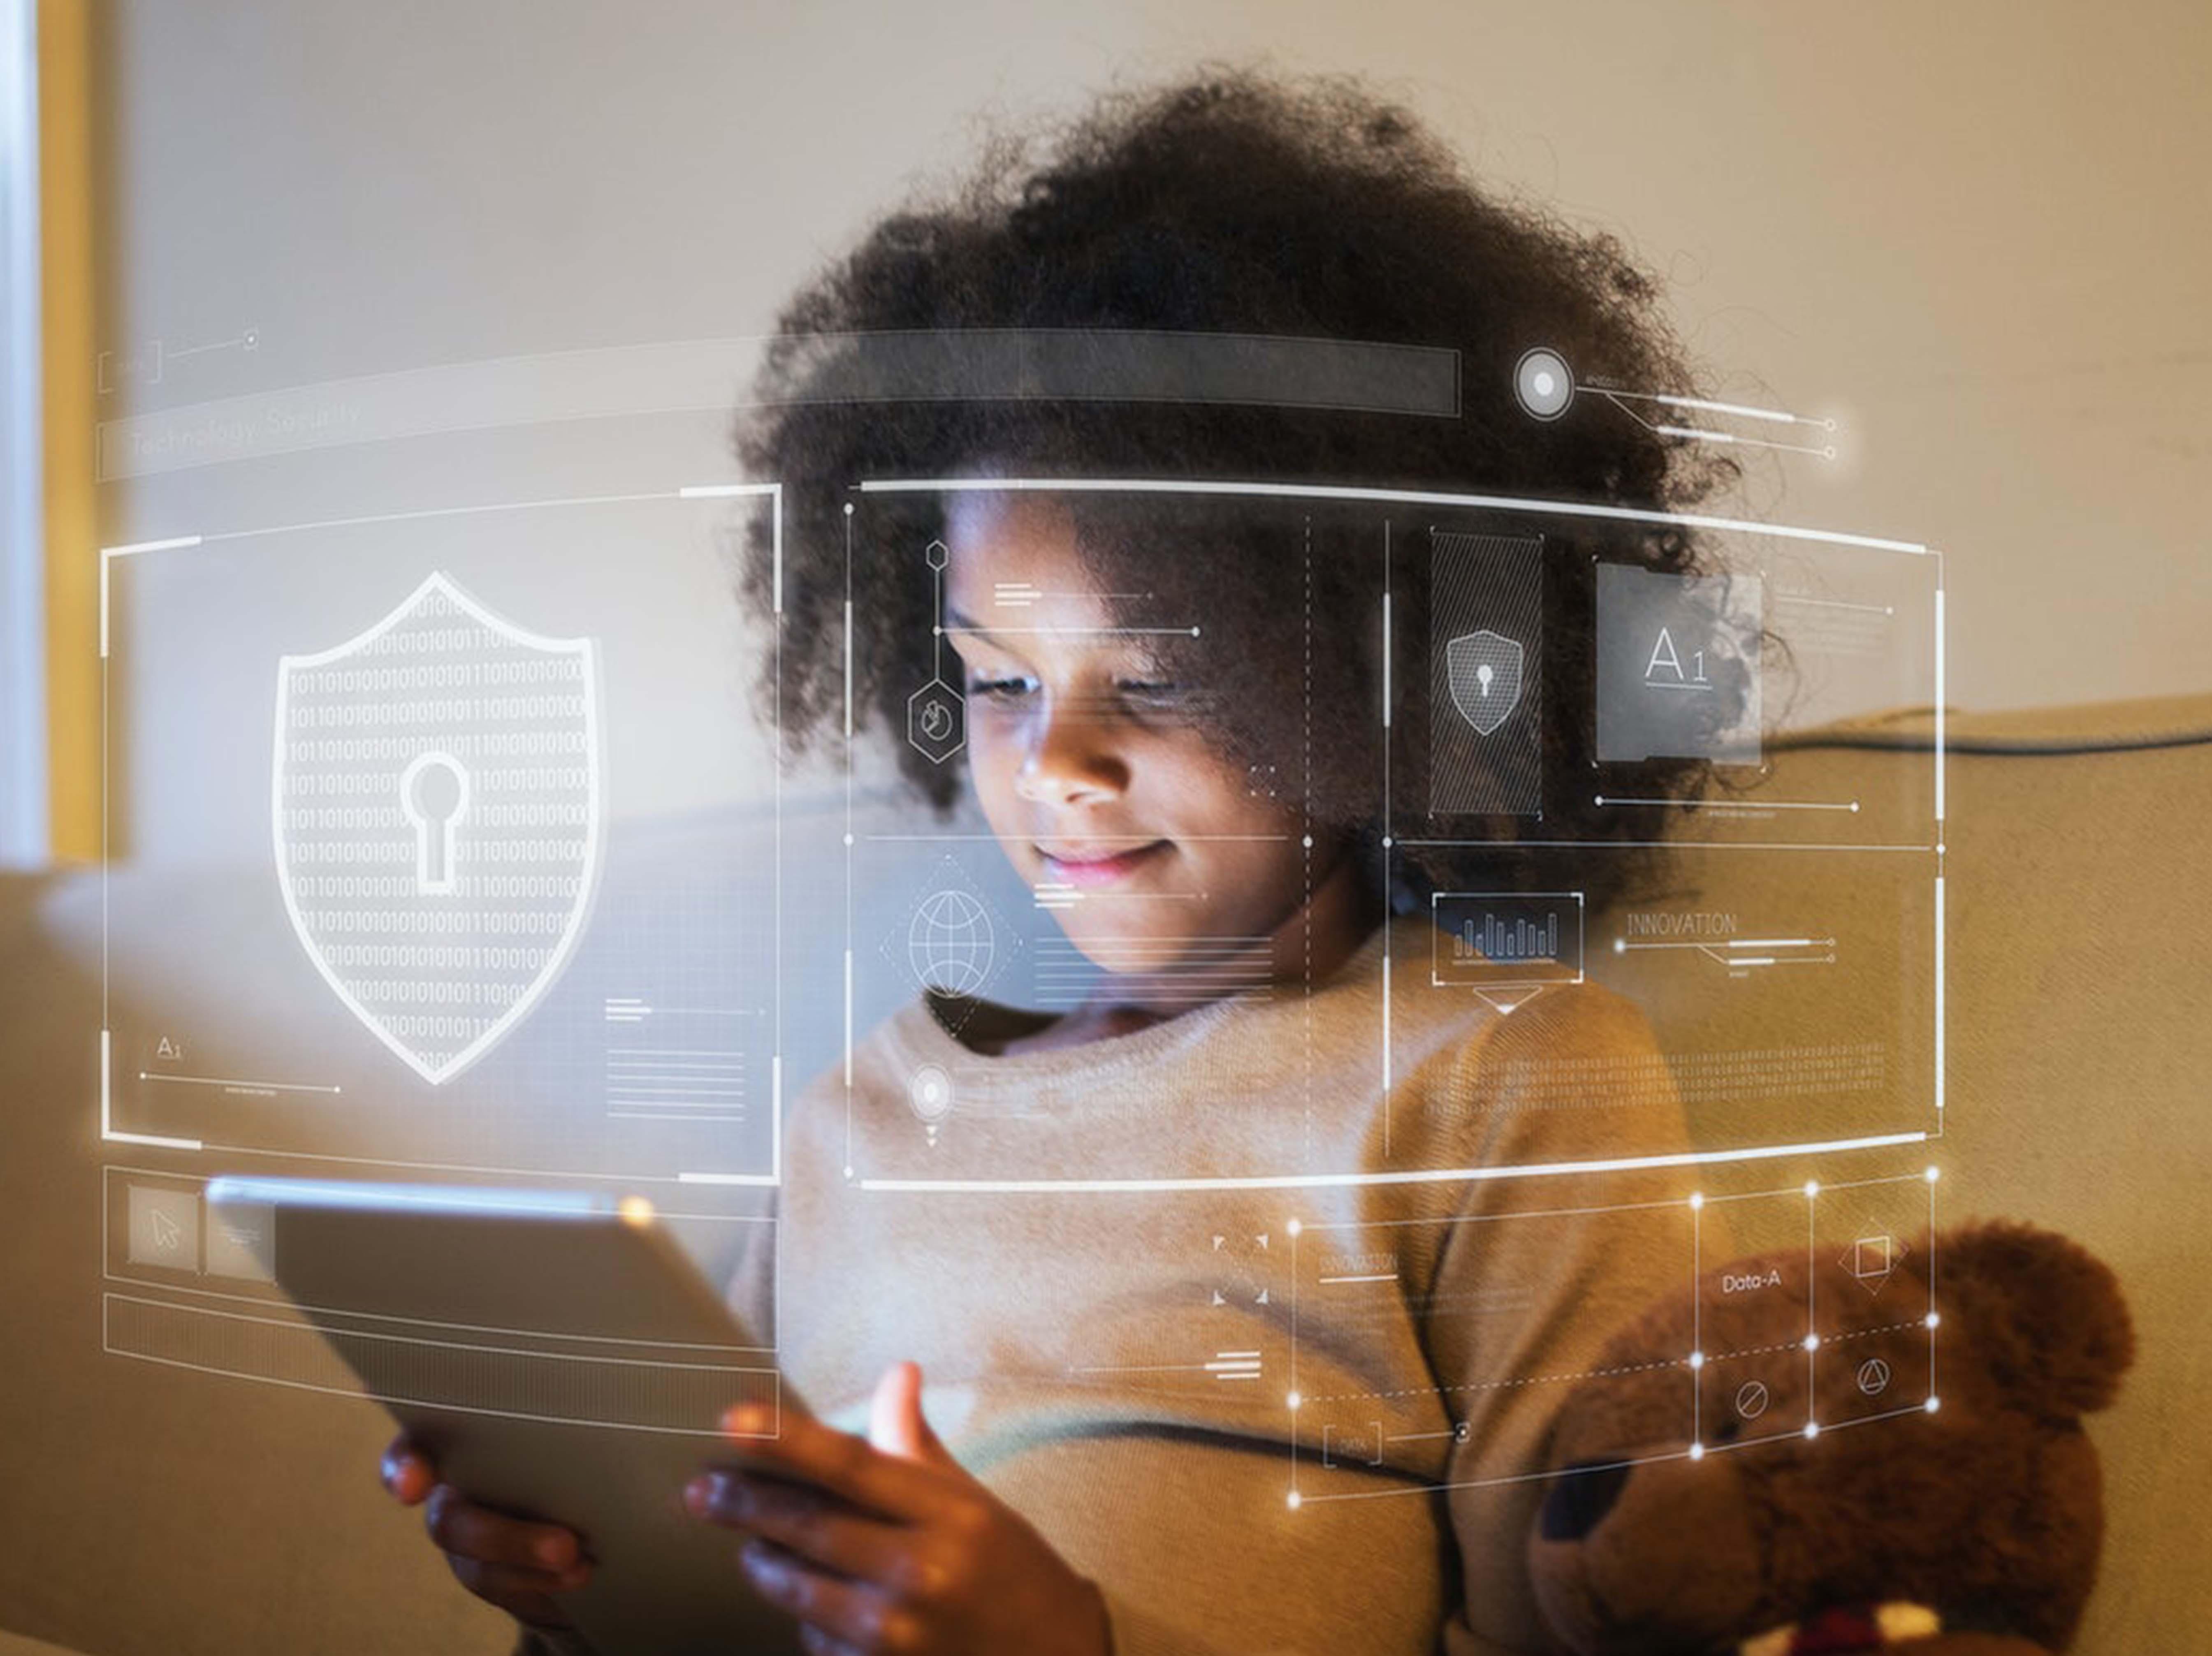 Investigating Violence Against Children Online